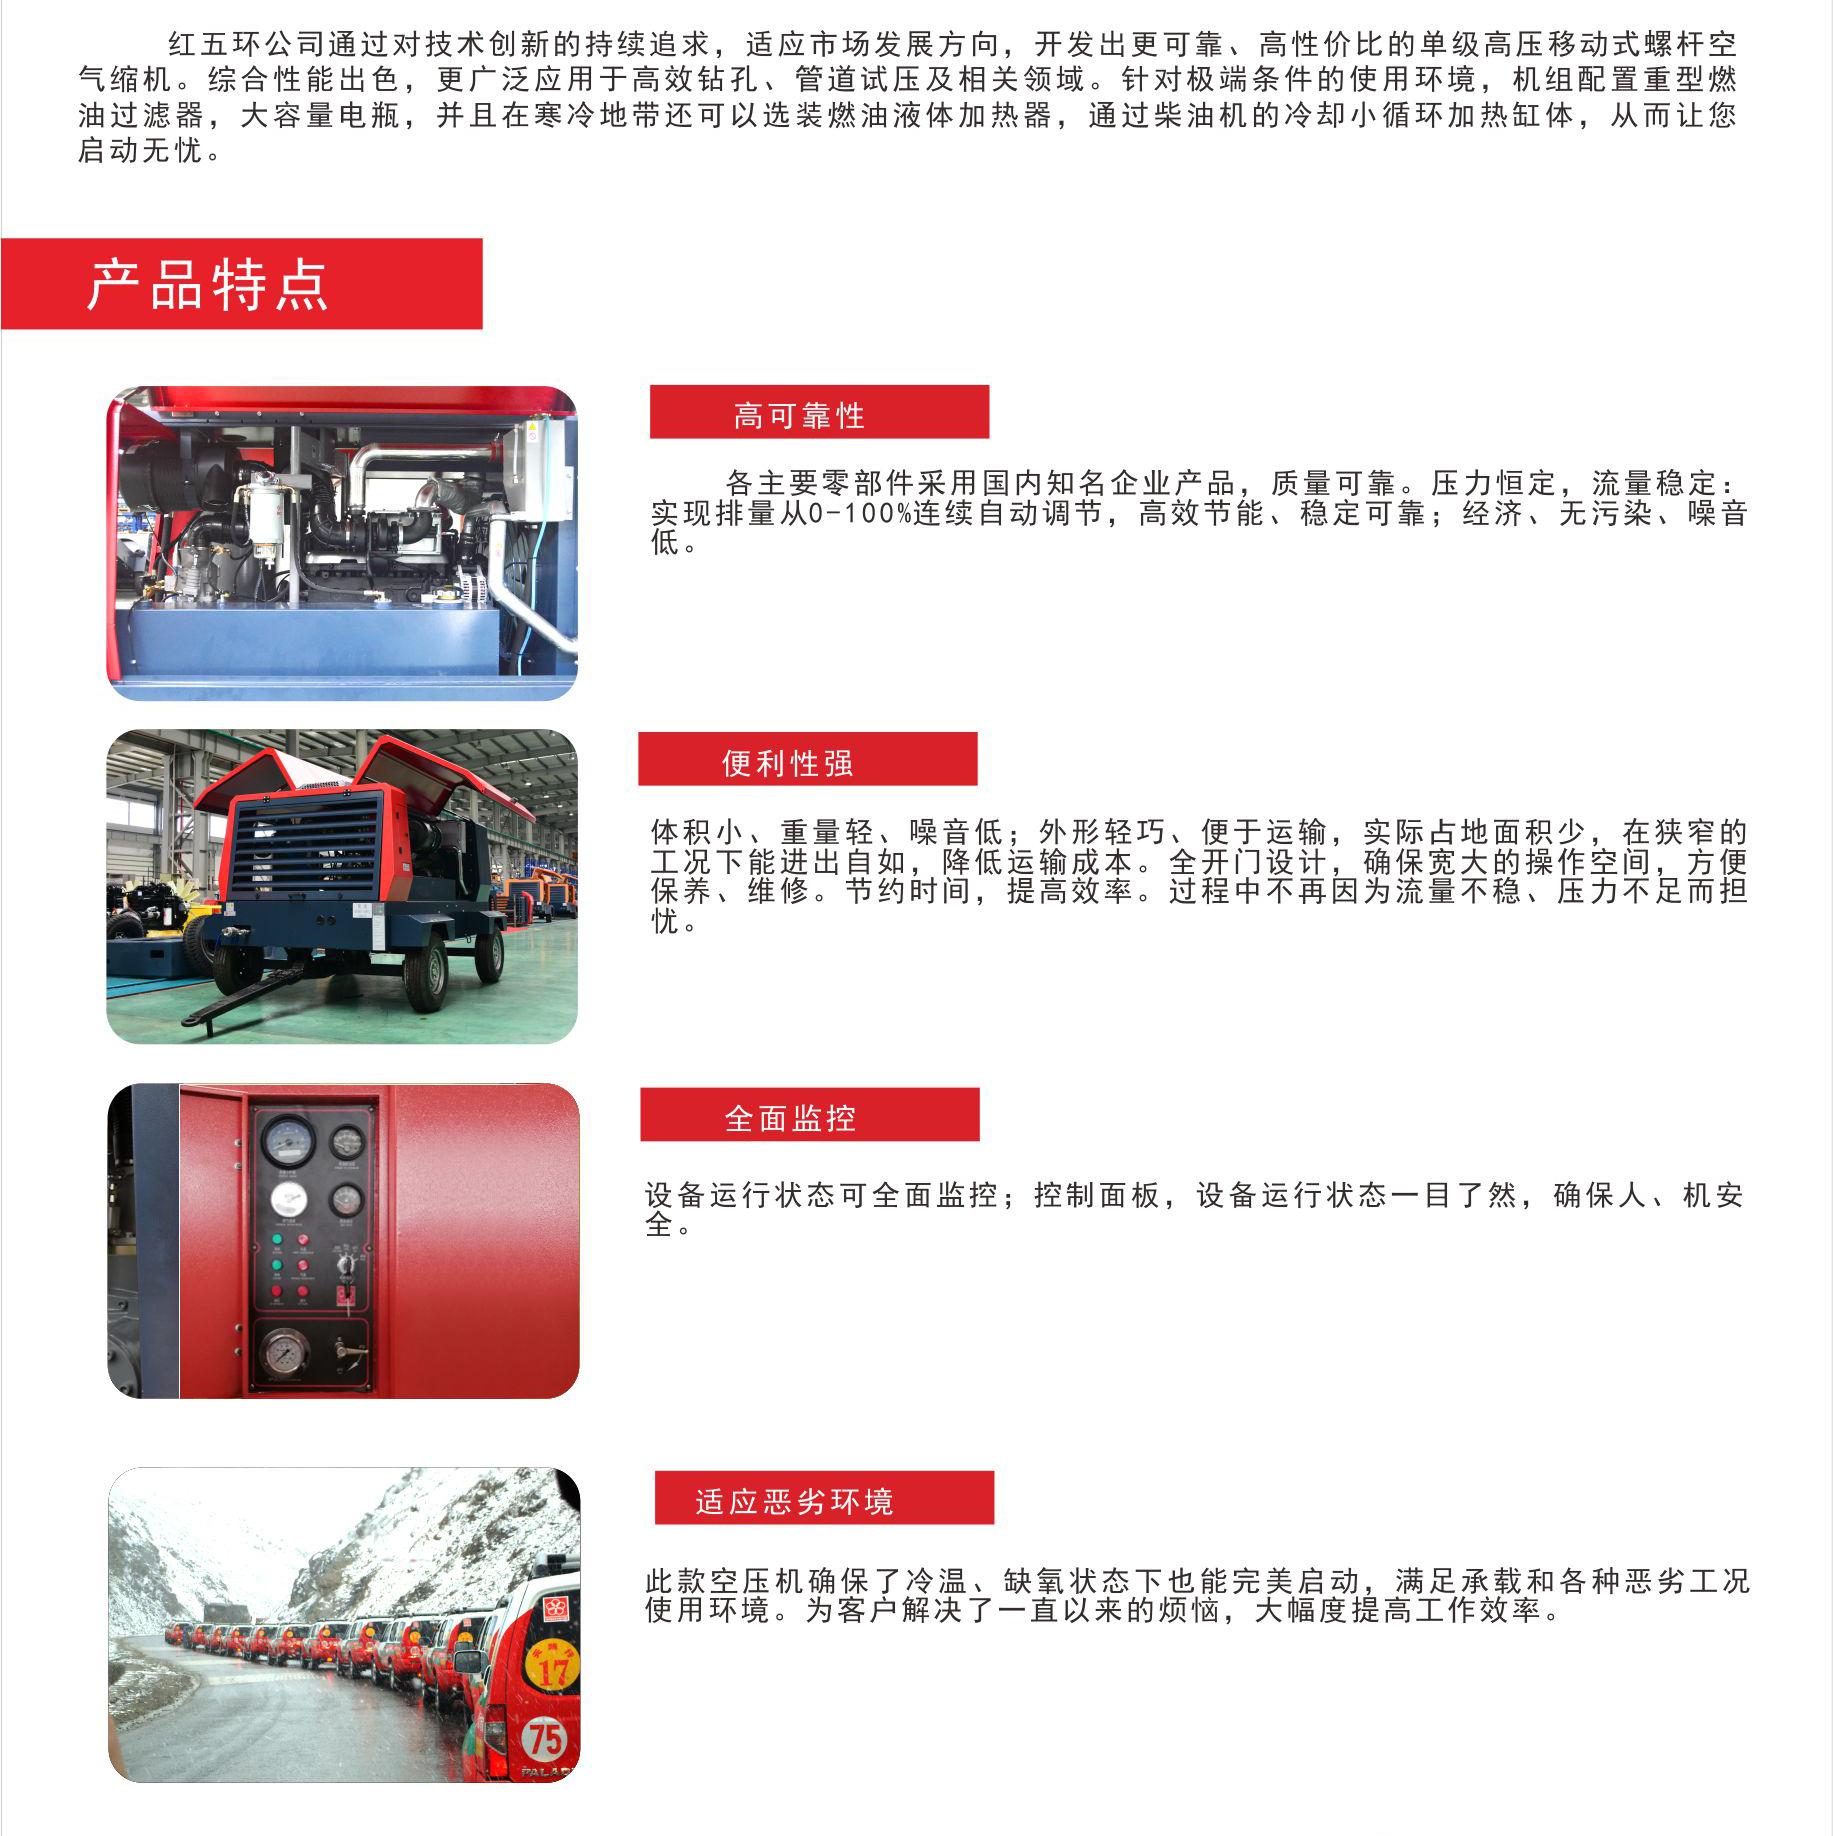 HGT中低压系列柴驱移动压缩机_02